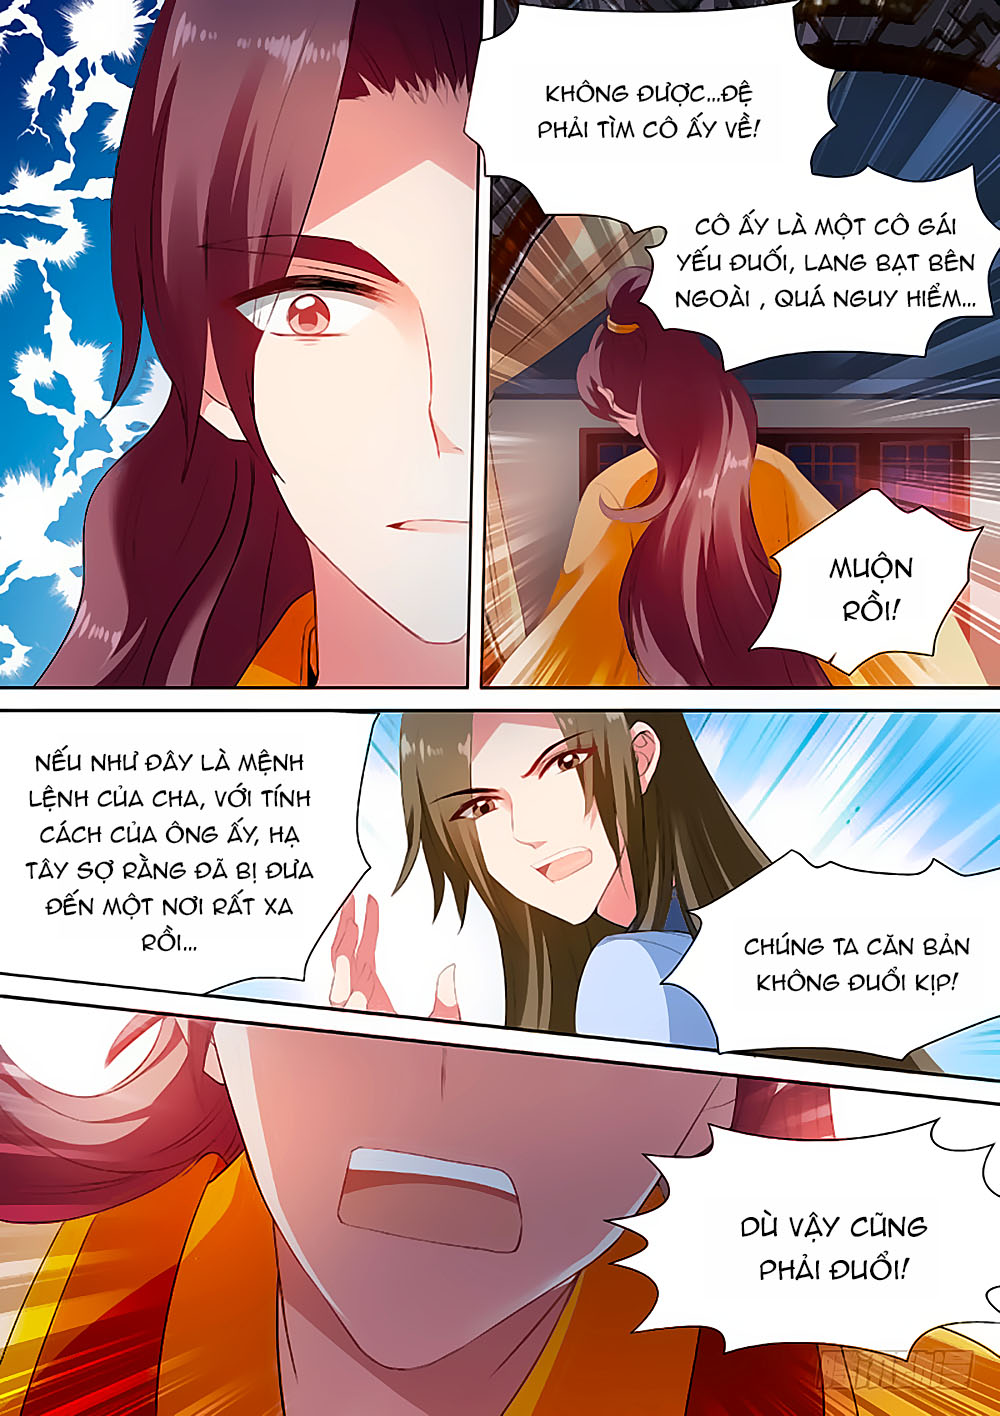 Hệ Thống Chế Tạo Nữ Thần chap 83 - Trang 2